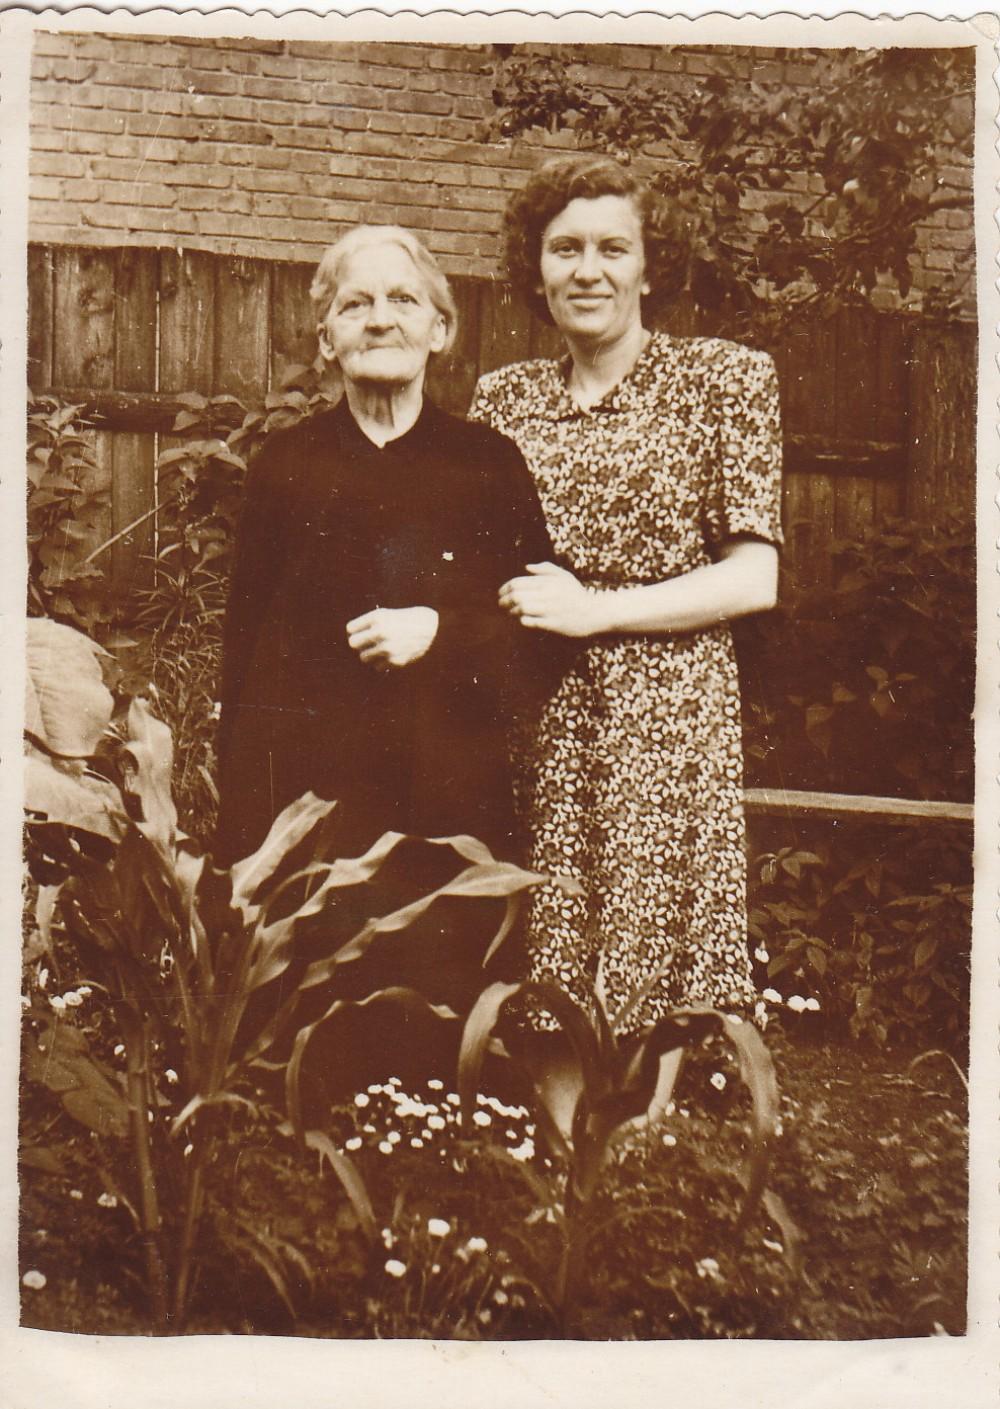 Poeto motina Magdalena ir sesuo Birutė. 1956 m.